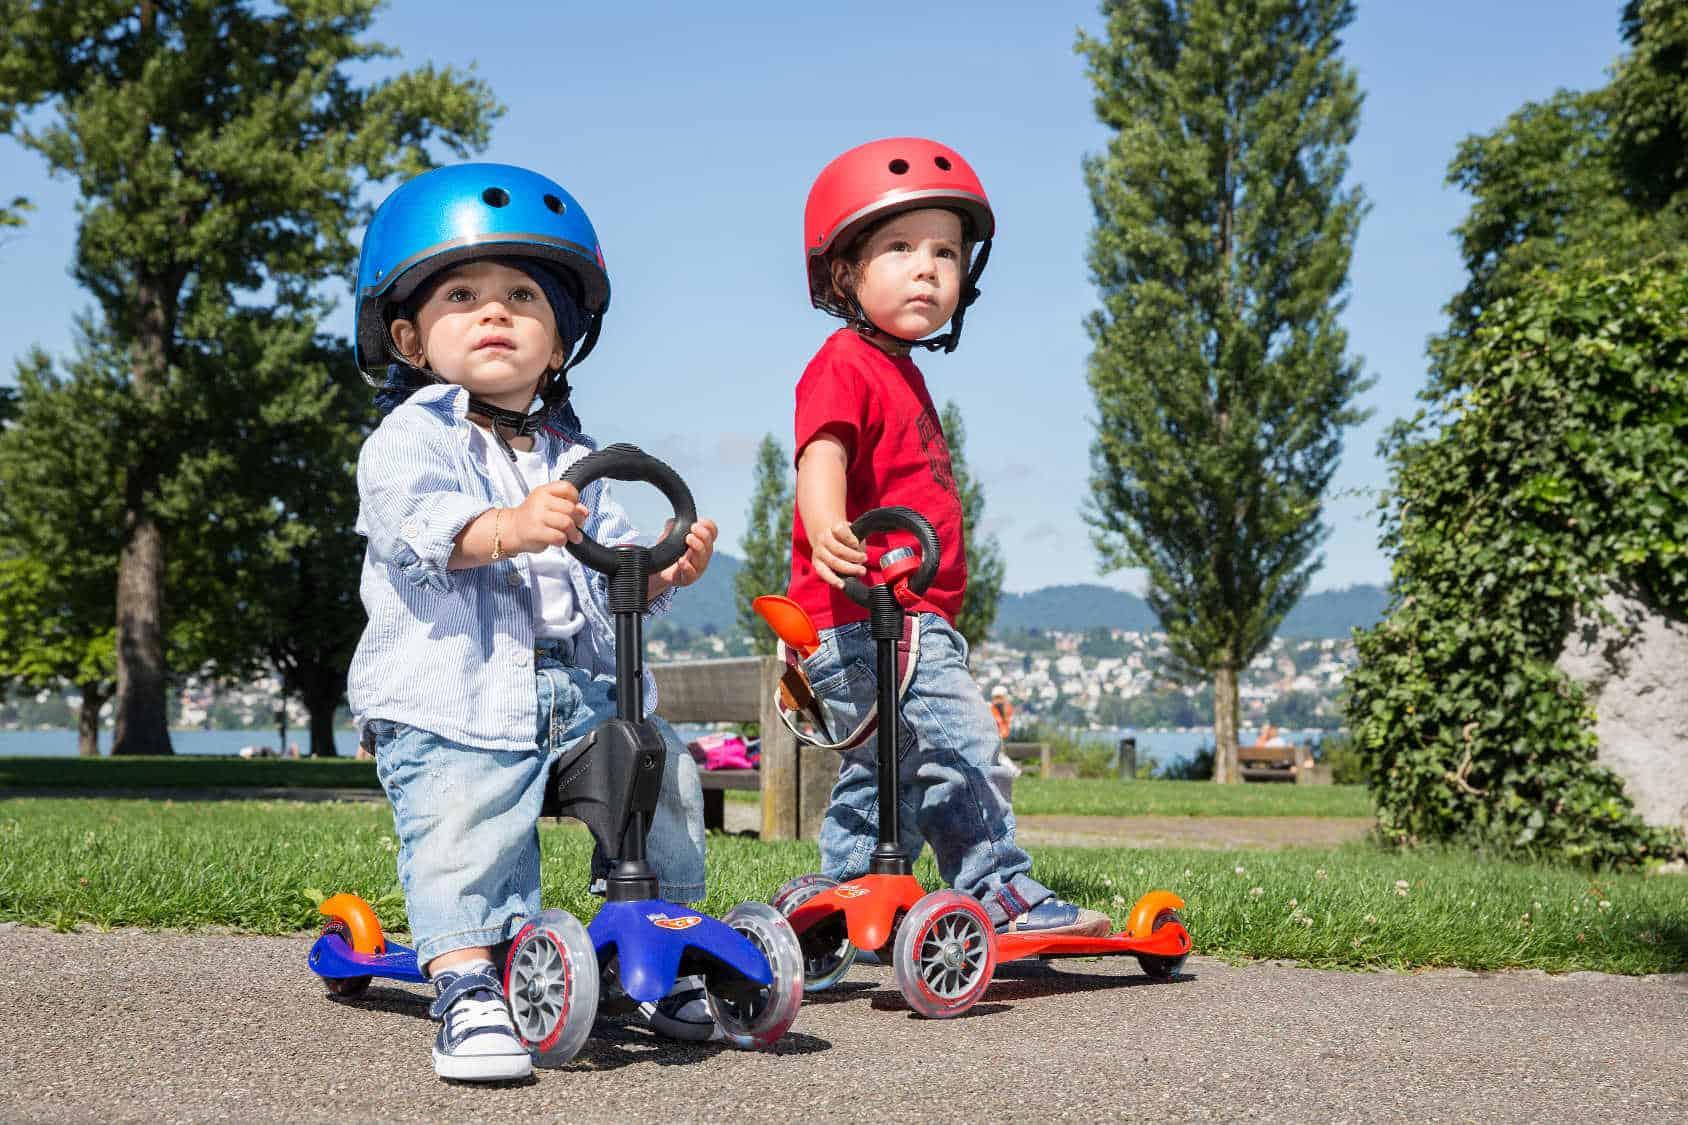 Małe chłopcy na hulajnogach Micro